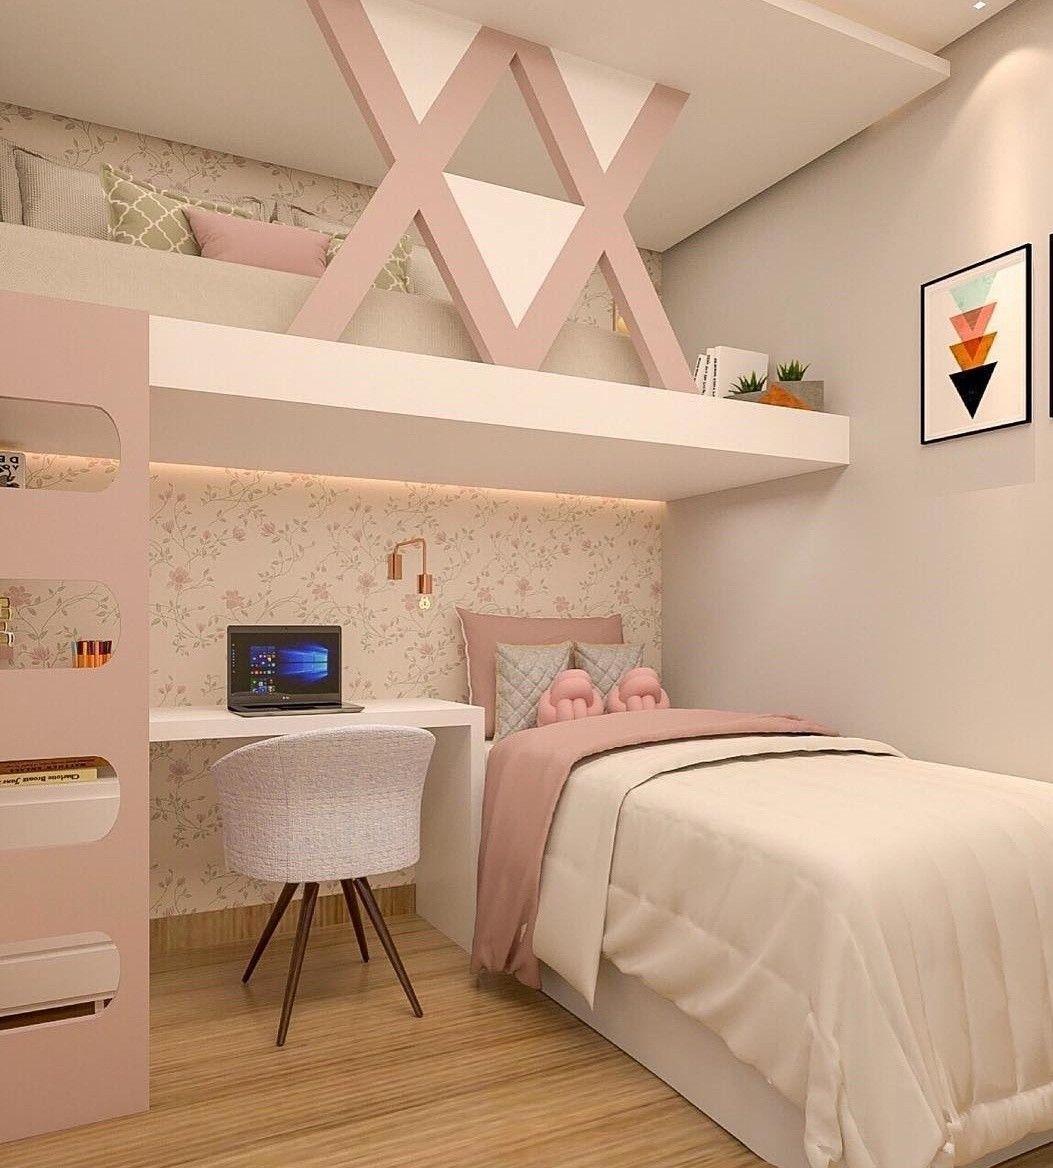 Idée Déco Chambre Simple Épinglé par slamaslama sur deco | décoration chambre ado